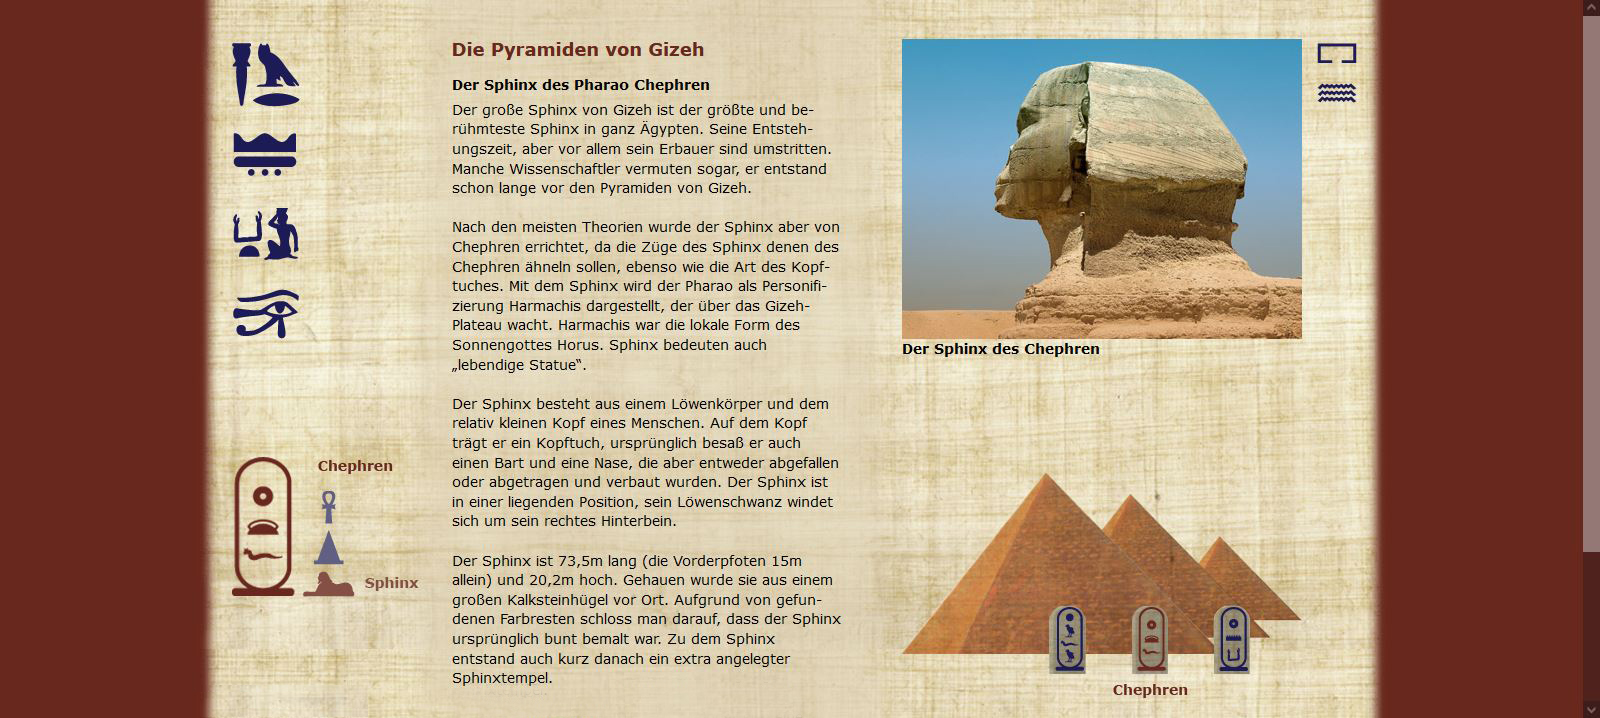 Die Pyramiden von Gizeh - Chephren - Sphinx